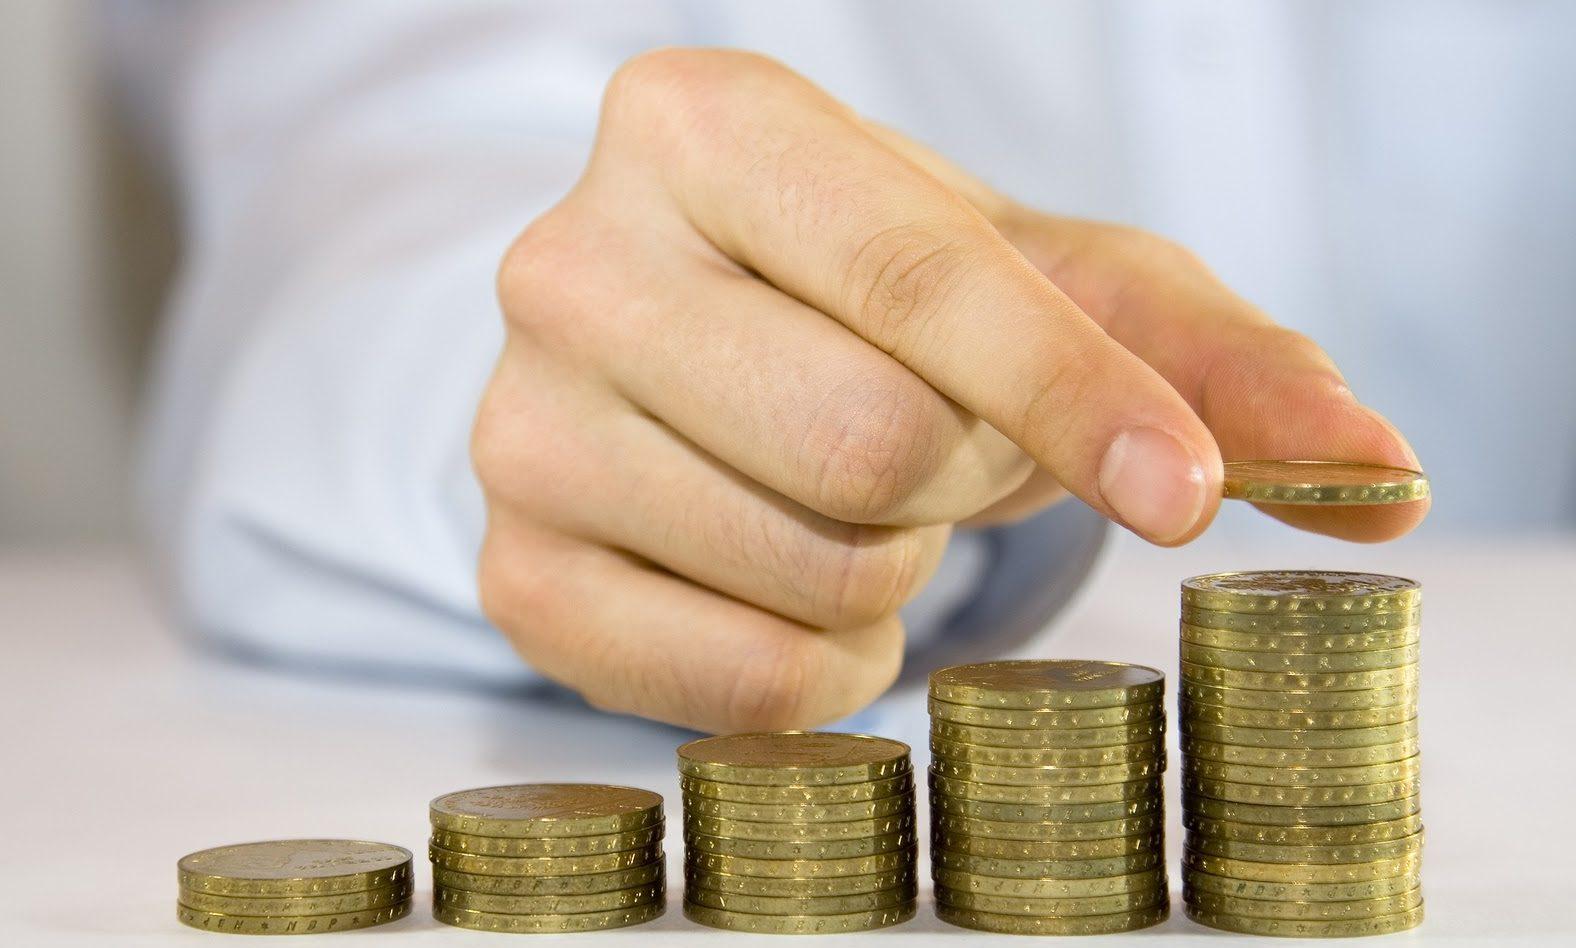 Újabb közösségi alkalmazással lehet jó pénzt keresni